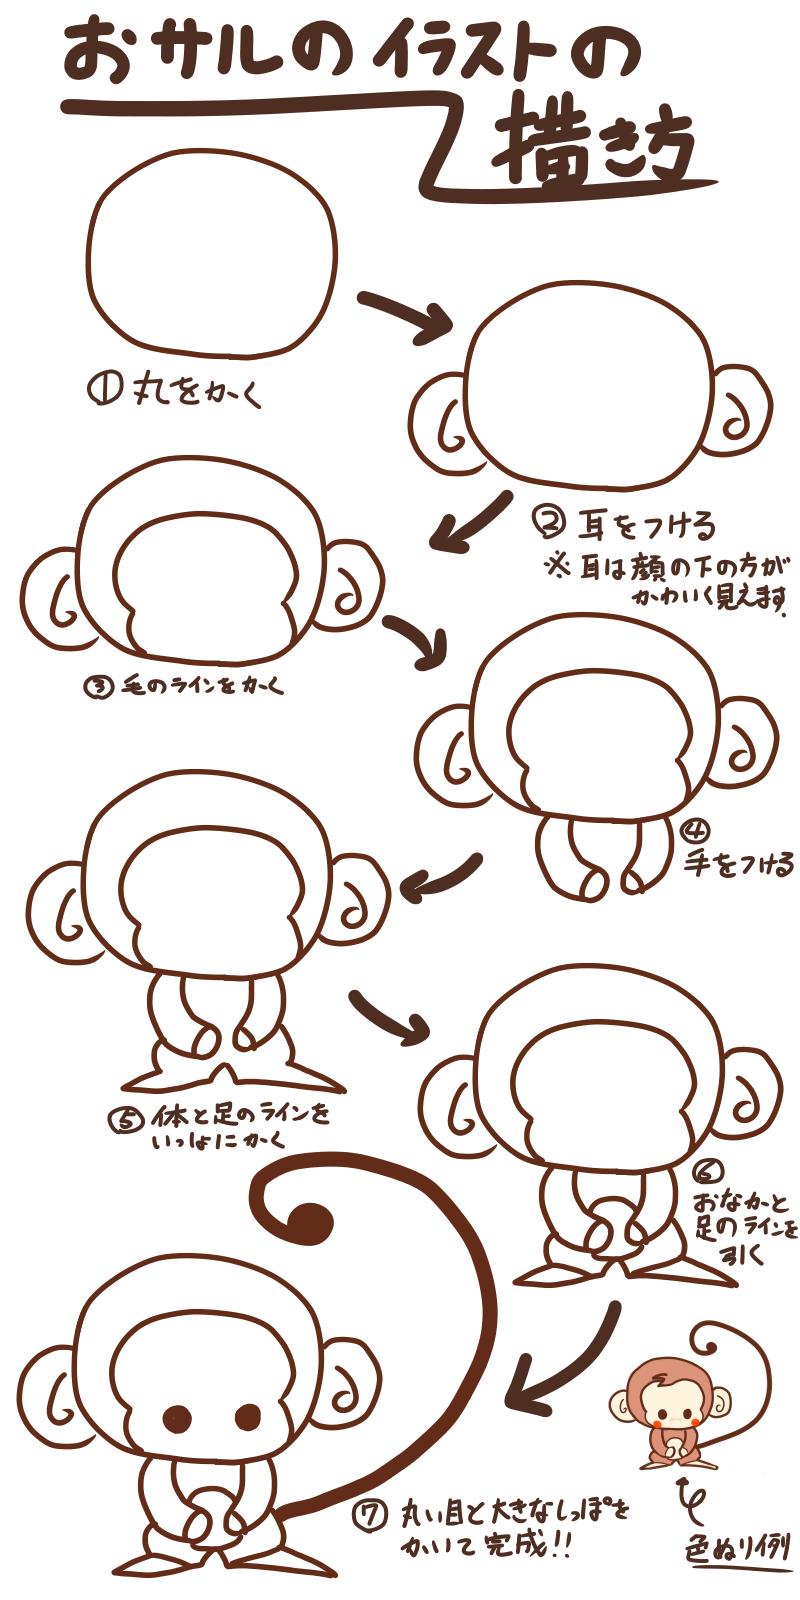 ジブリ キャラクター イラスト 簡単